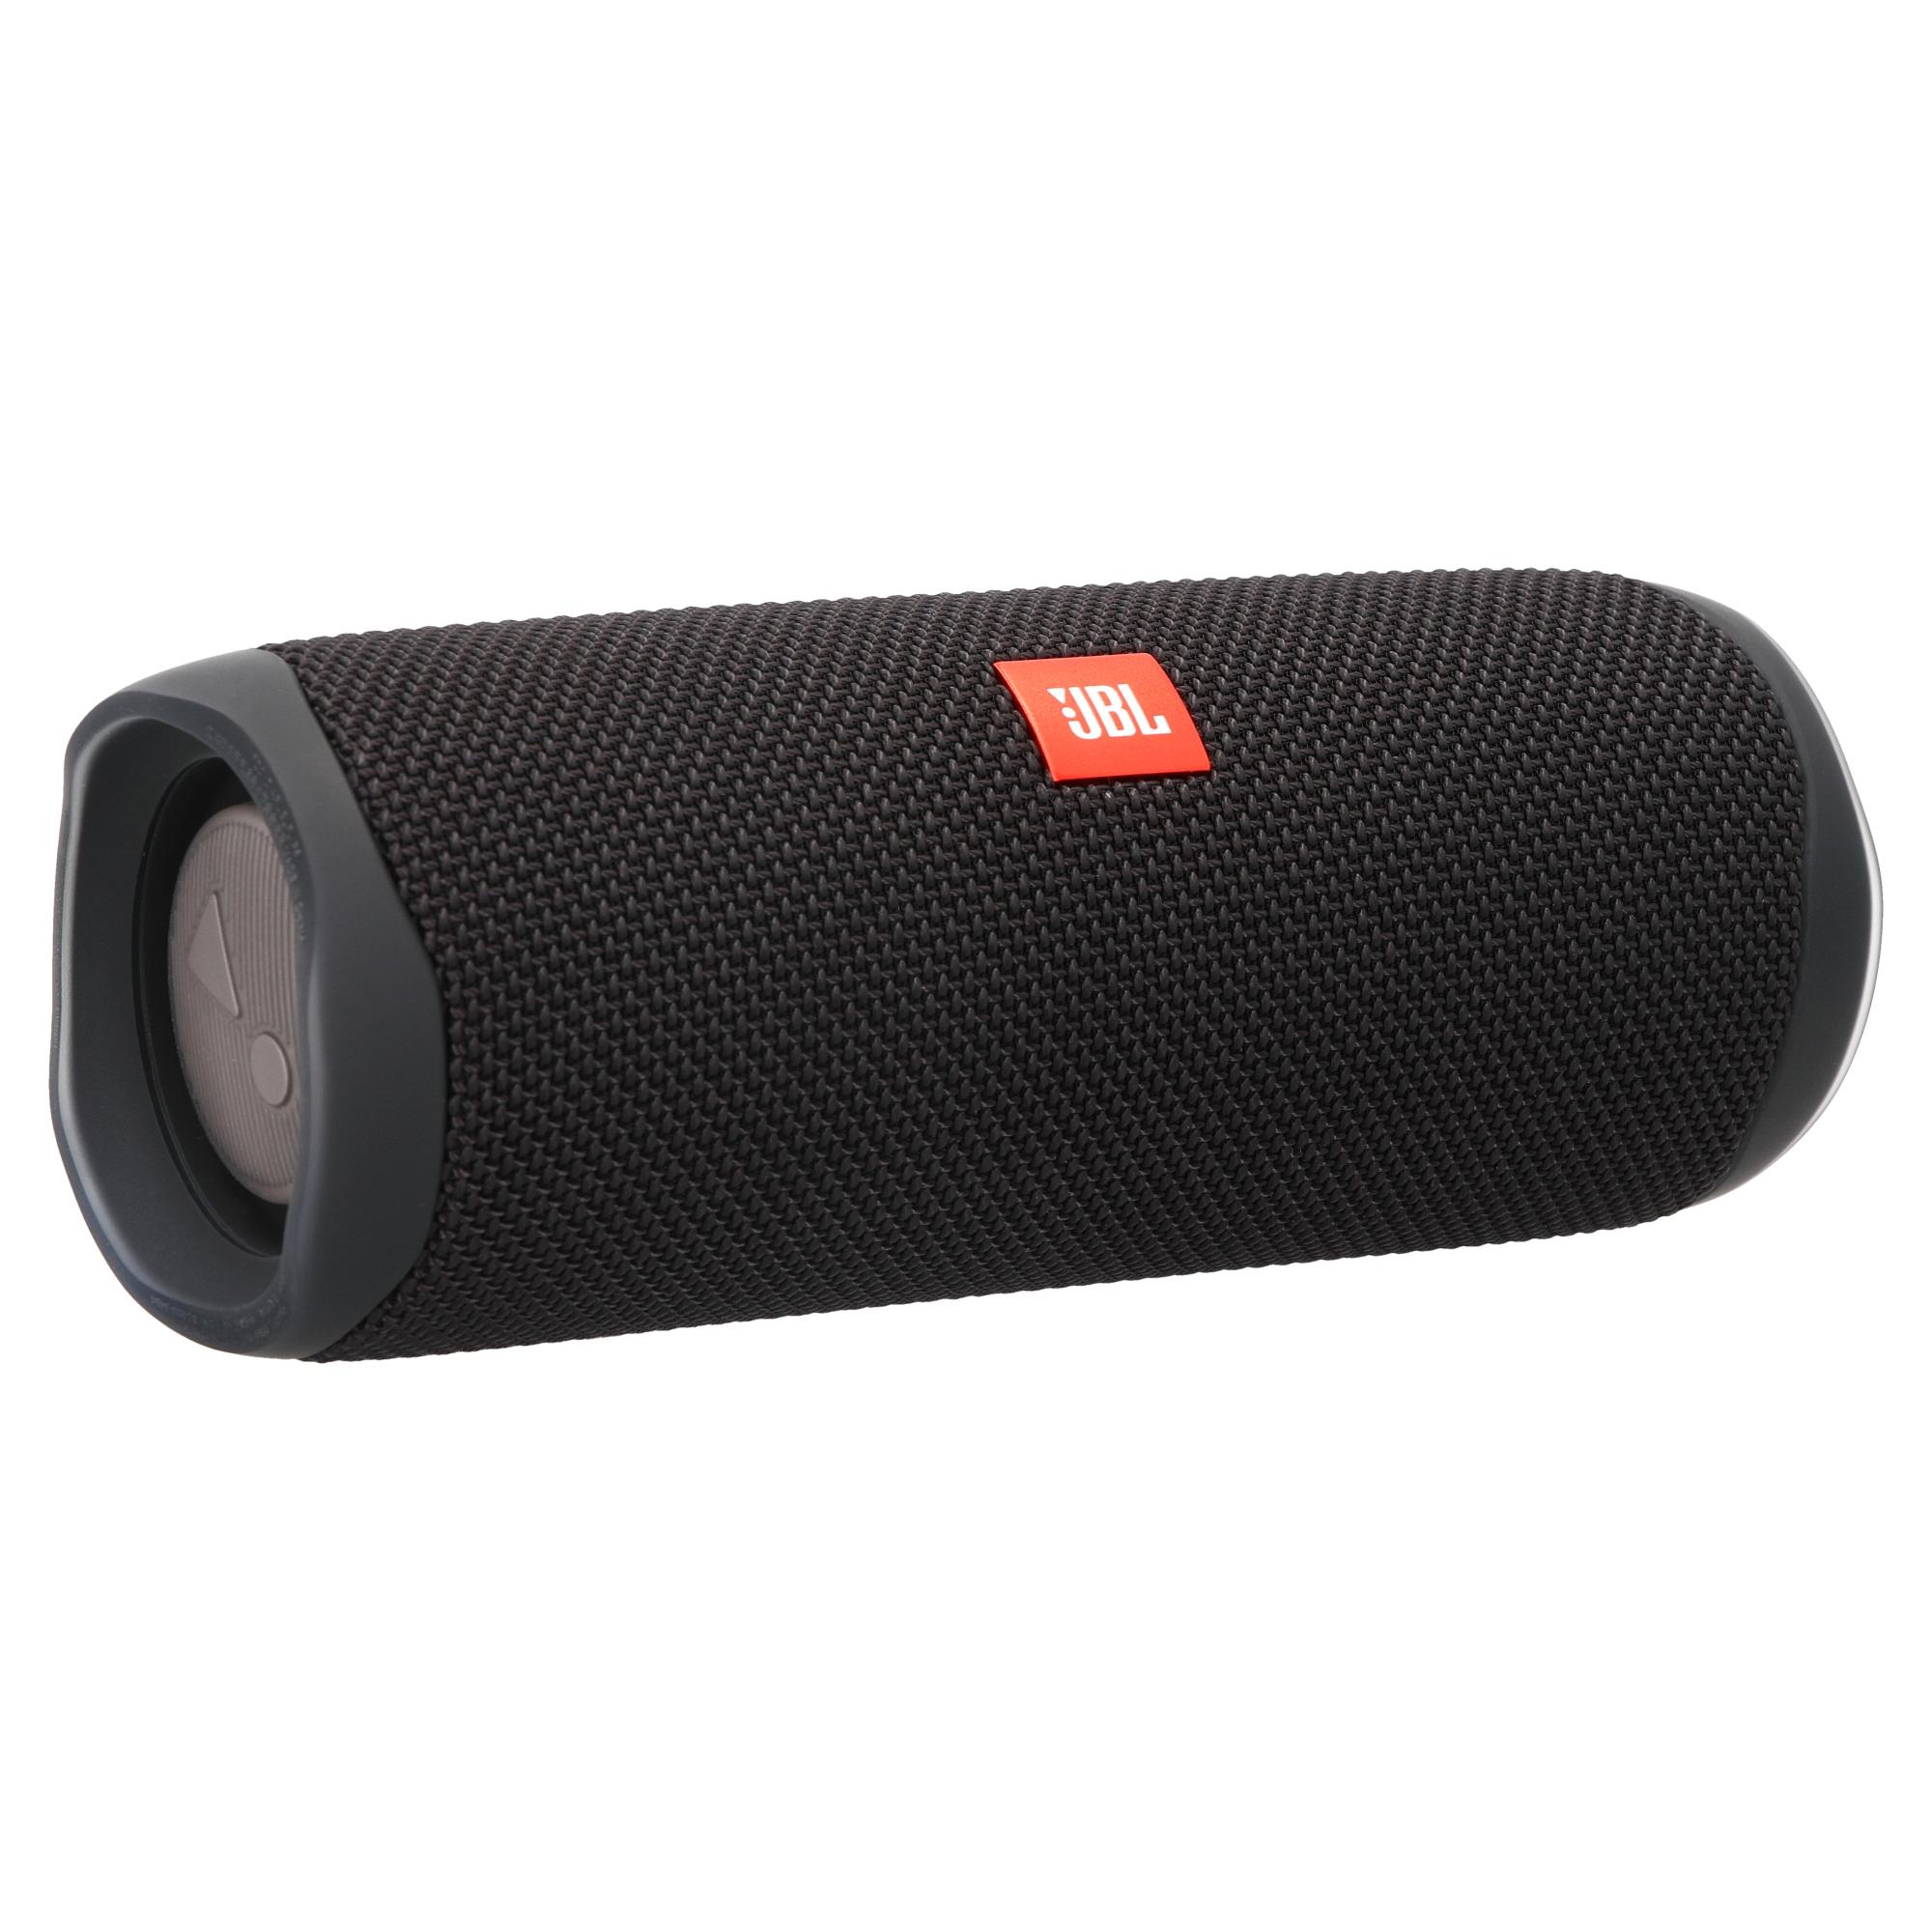 Głośnik bezprzewodowy JBL Flip 5 czarny Allegro Smart Week